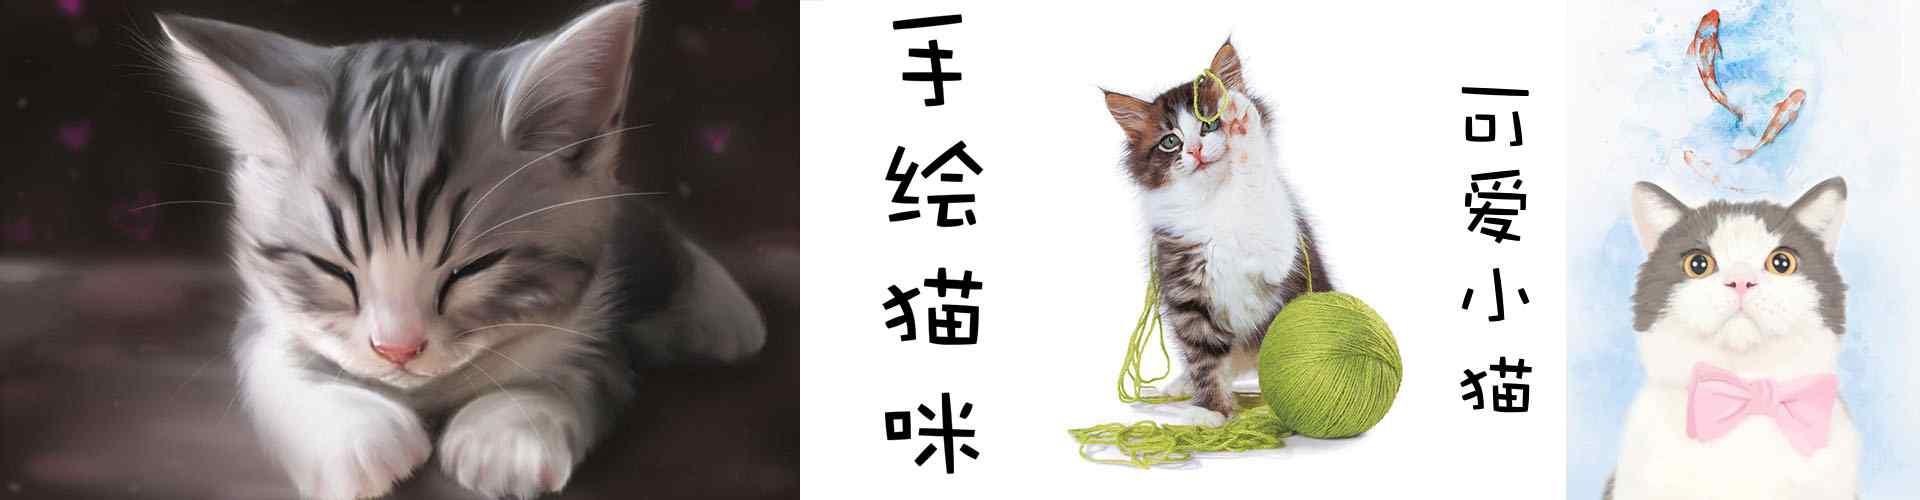 手绘猫咪_手绘猫咪图片_手绘猫咪桌面壁纸、手机壁纸_卡通手绘猫咪图片大全